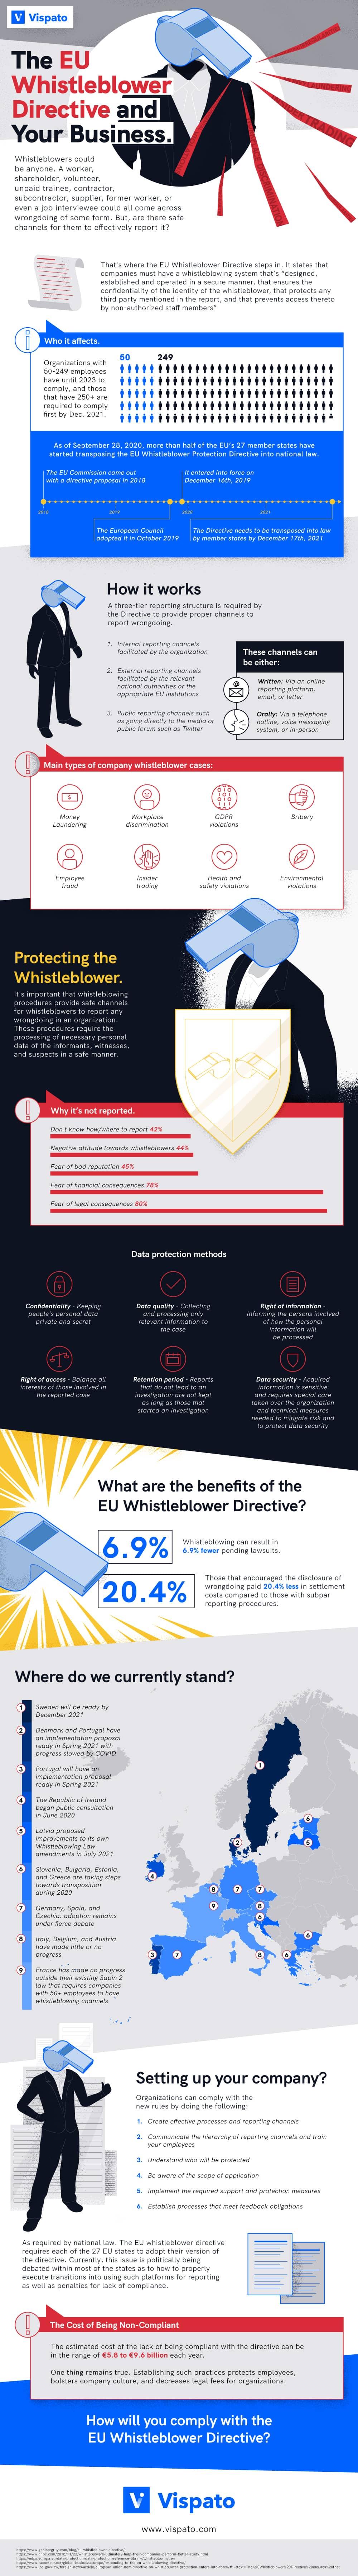 Infografik EU Hinweisgeber-Richtlinie